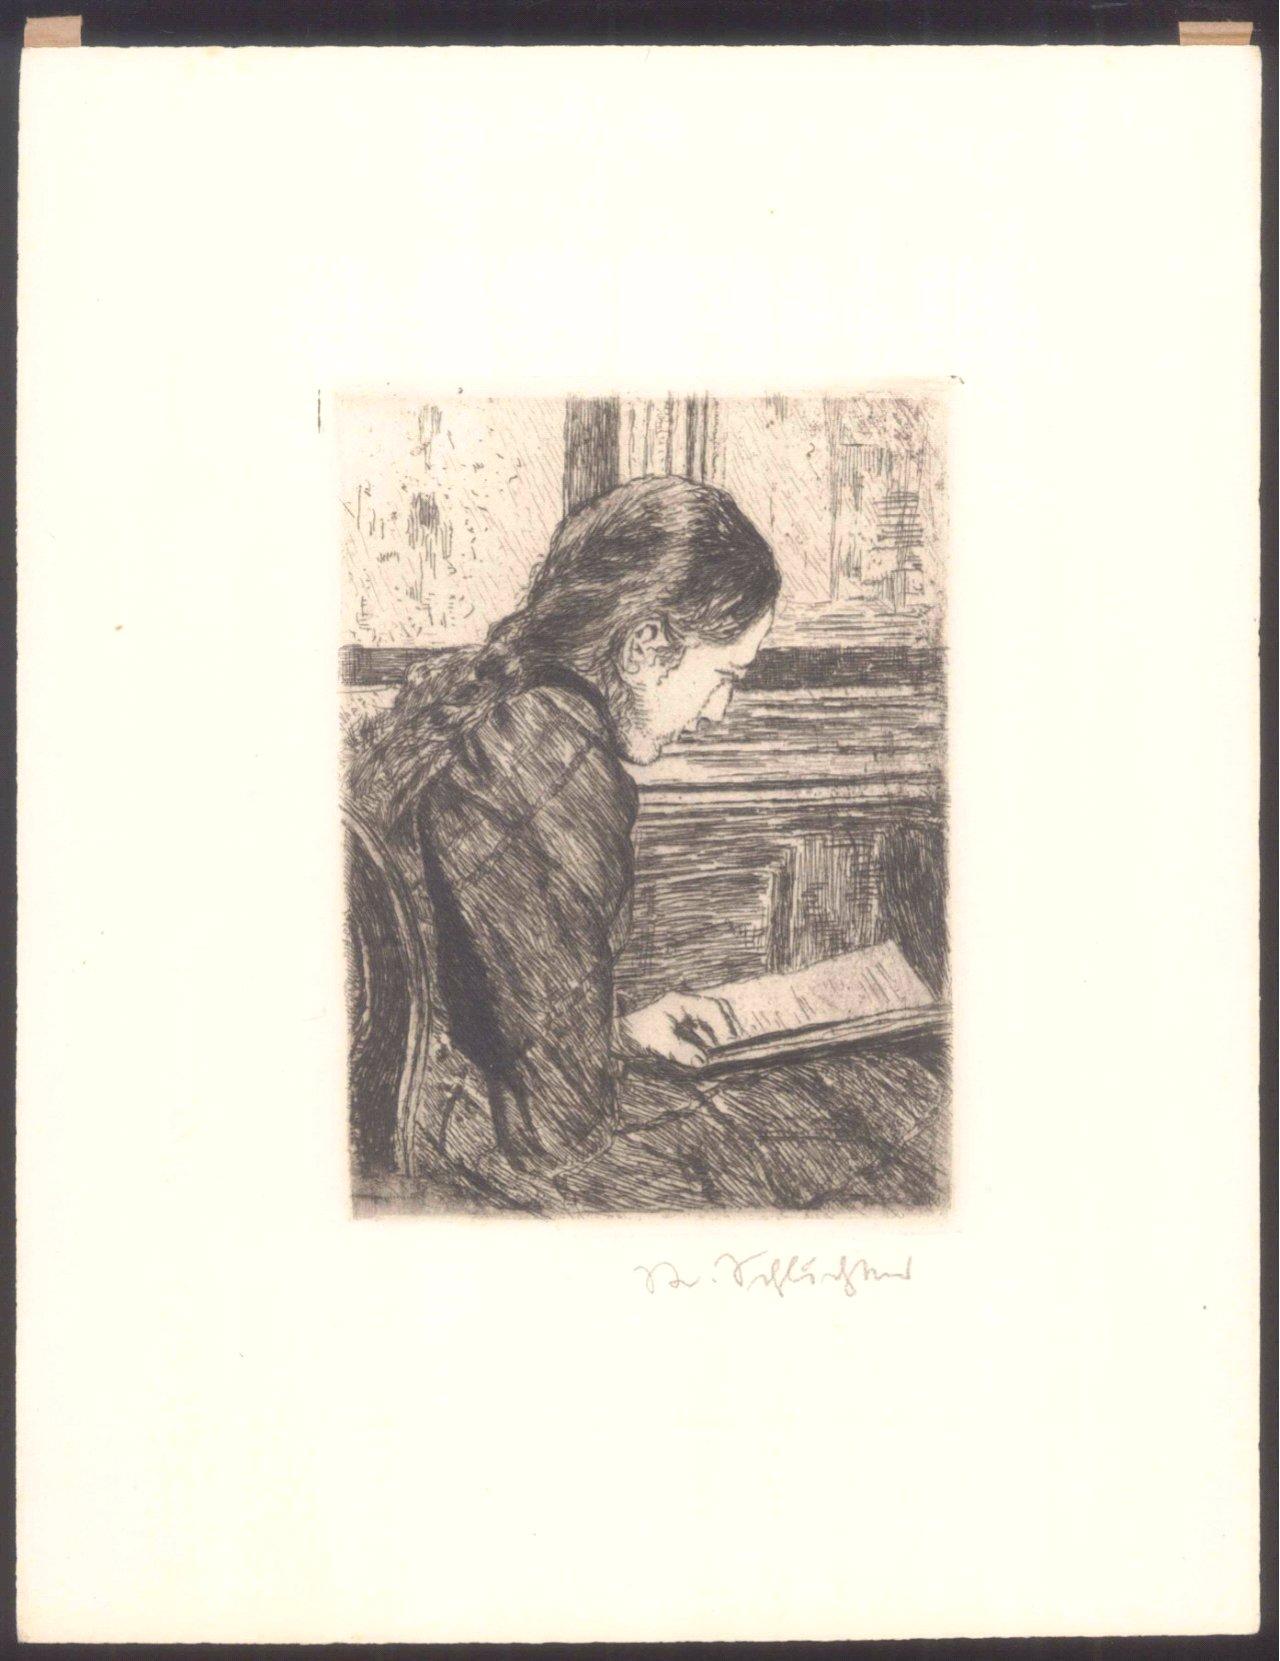 Rudolf Schlichter 1890-1955. Lesendes Mädchen-1